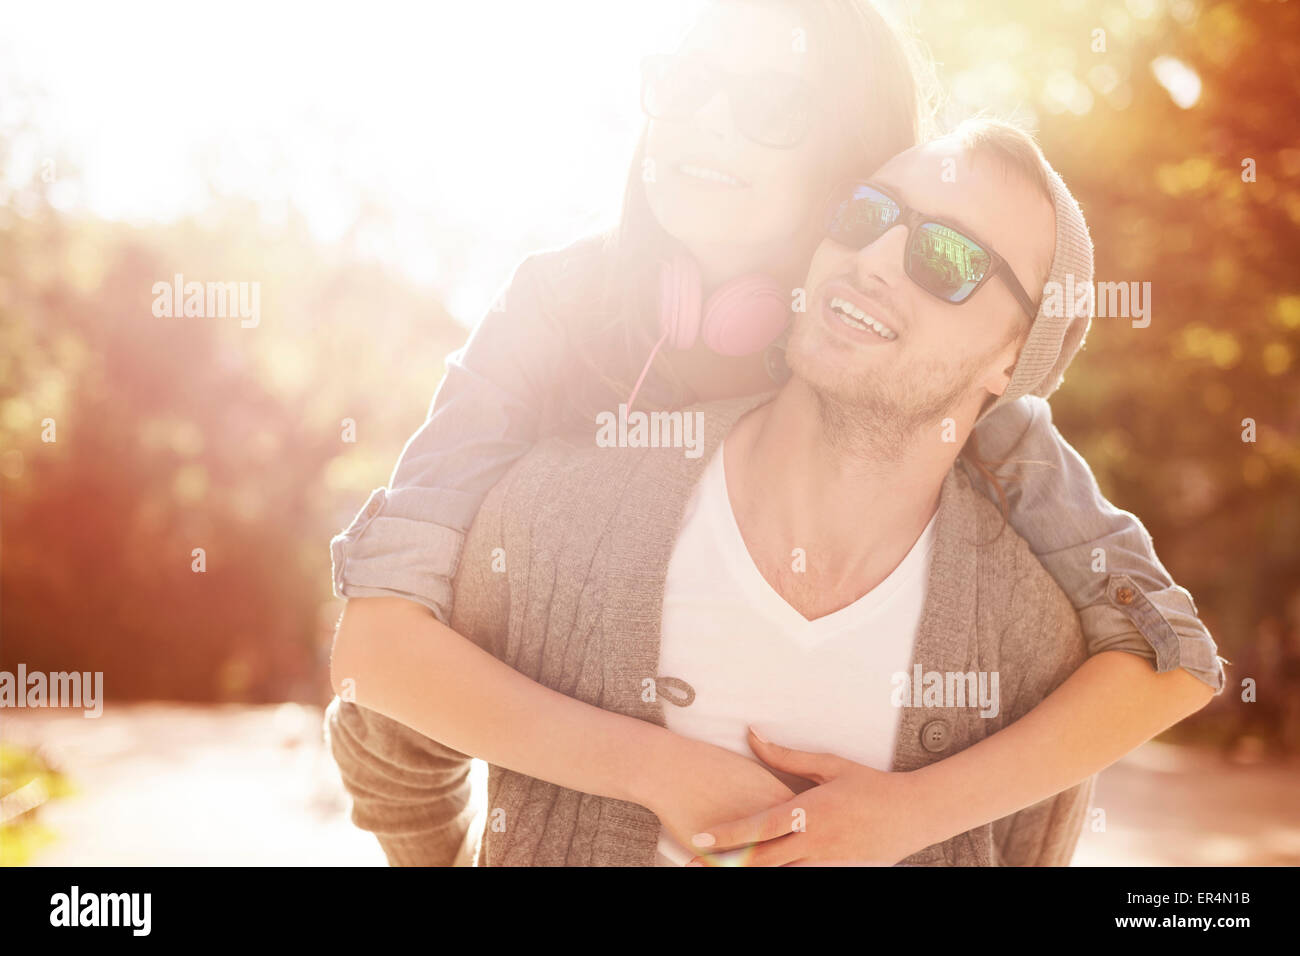 Ritratto di amare giovane nella giornata di sole. Cracovia in Polonia Immagini Stock